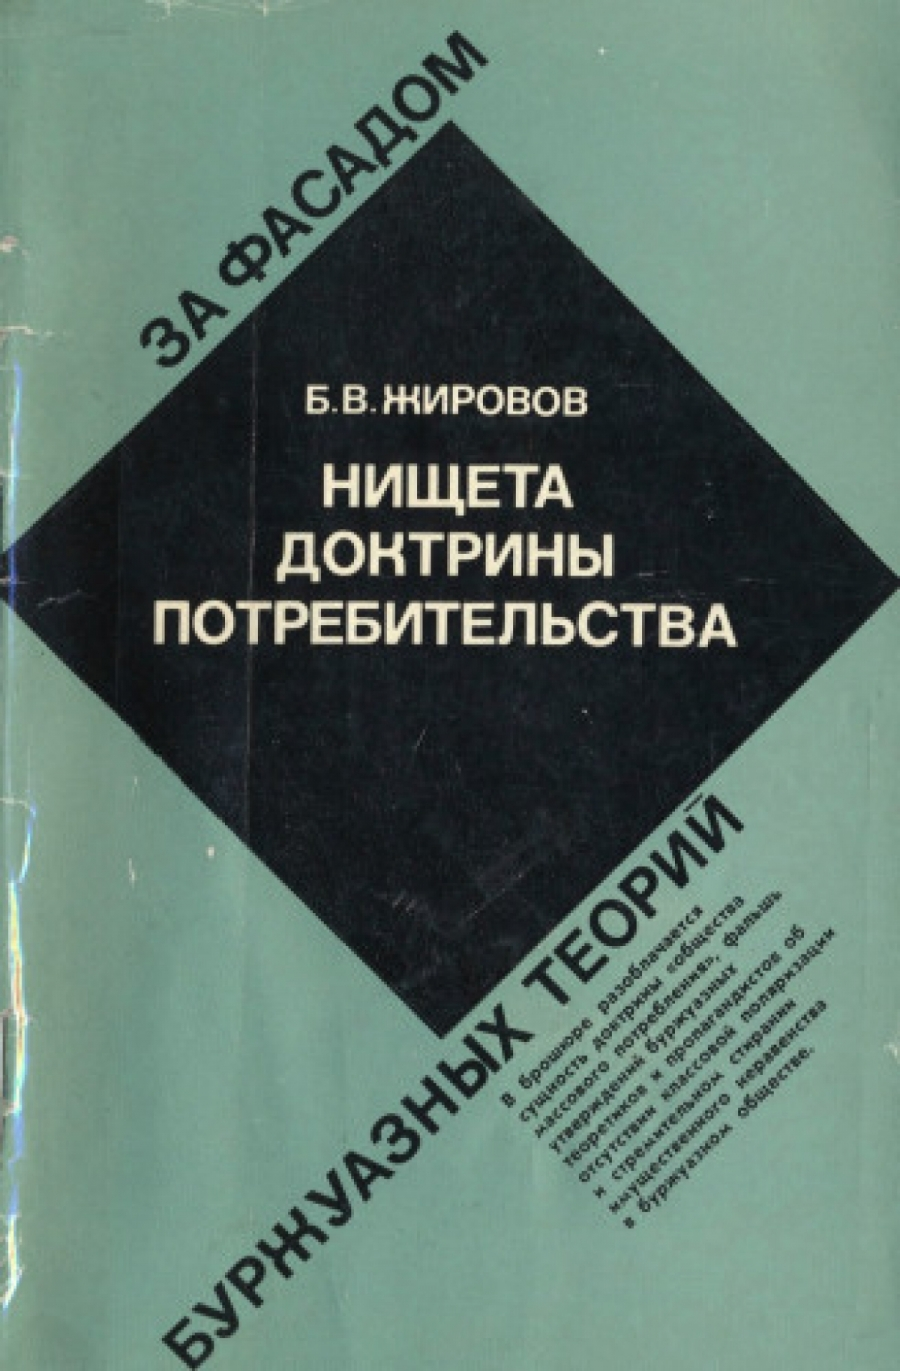 Обложка книги:  жировов борис васильевич - нищета доктрины потребительства